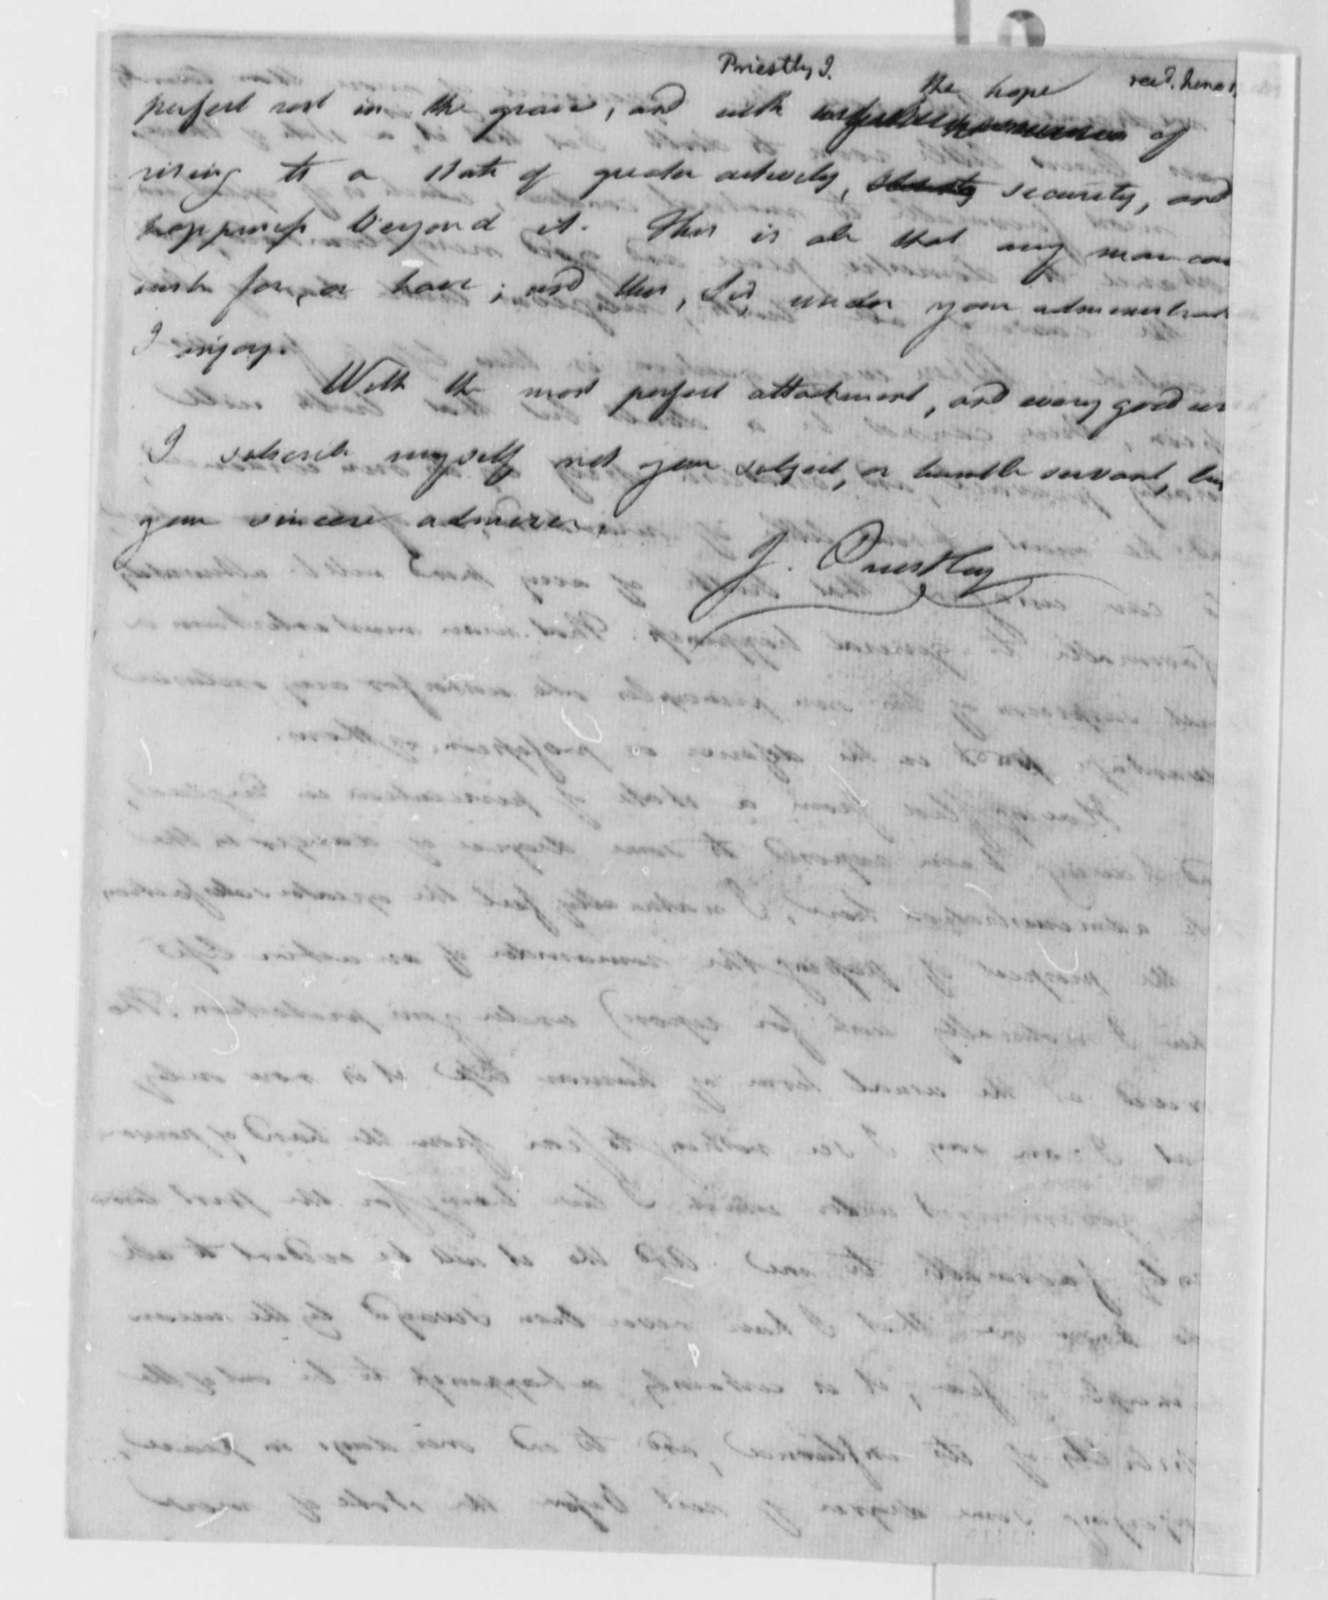 Joseph Priestley to Thomas Jefferson, June 17, 1802